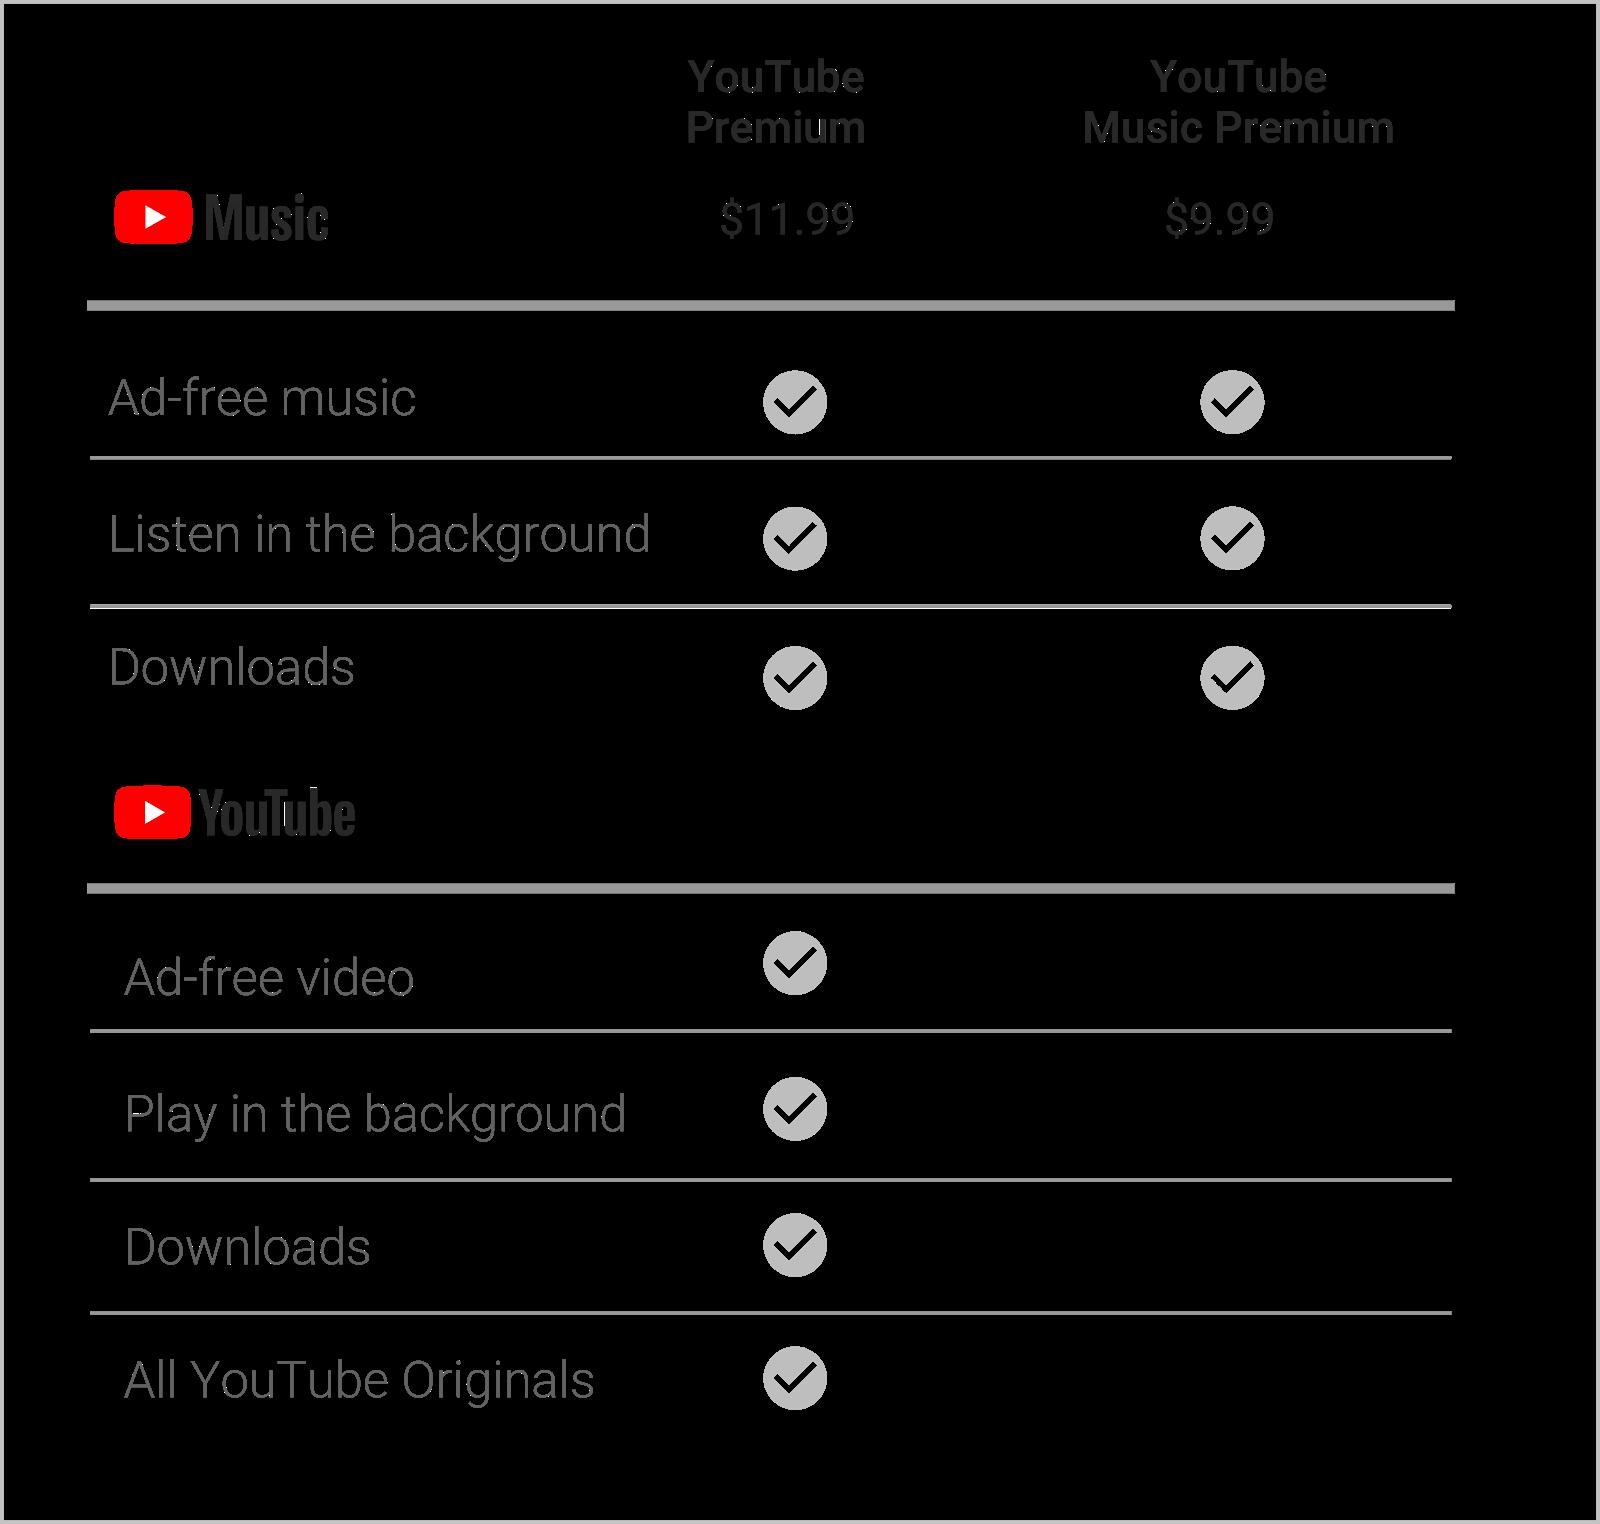 Novos Youtube Music E Youtube Premium São Oficialmente Anunciados Tecmundo